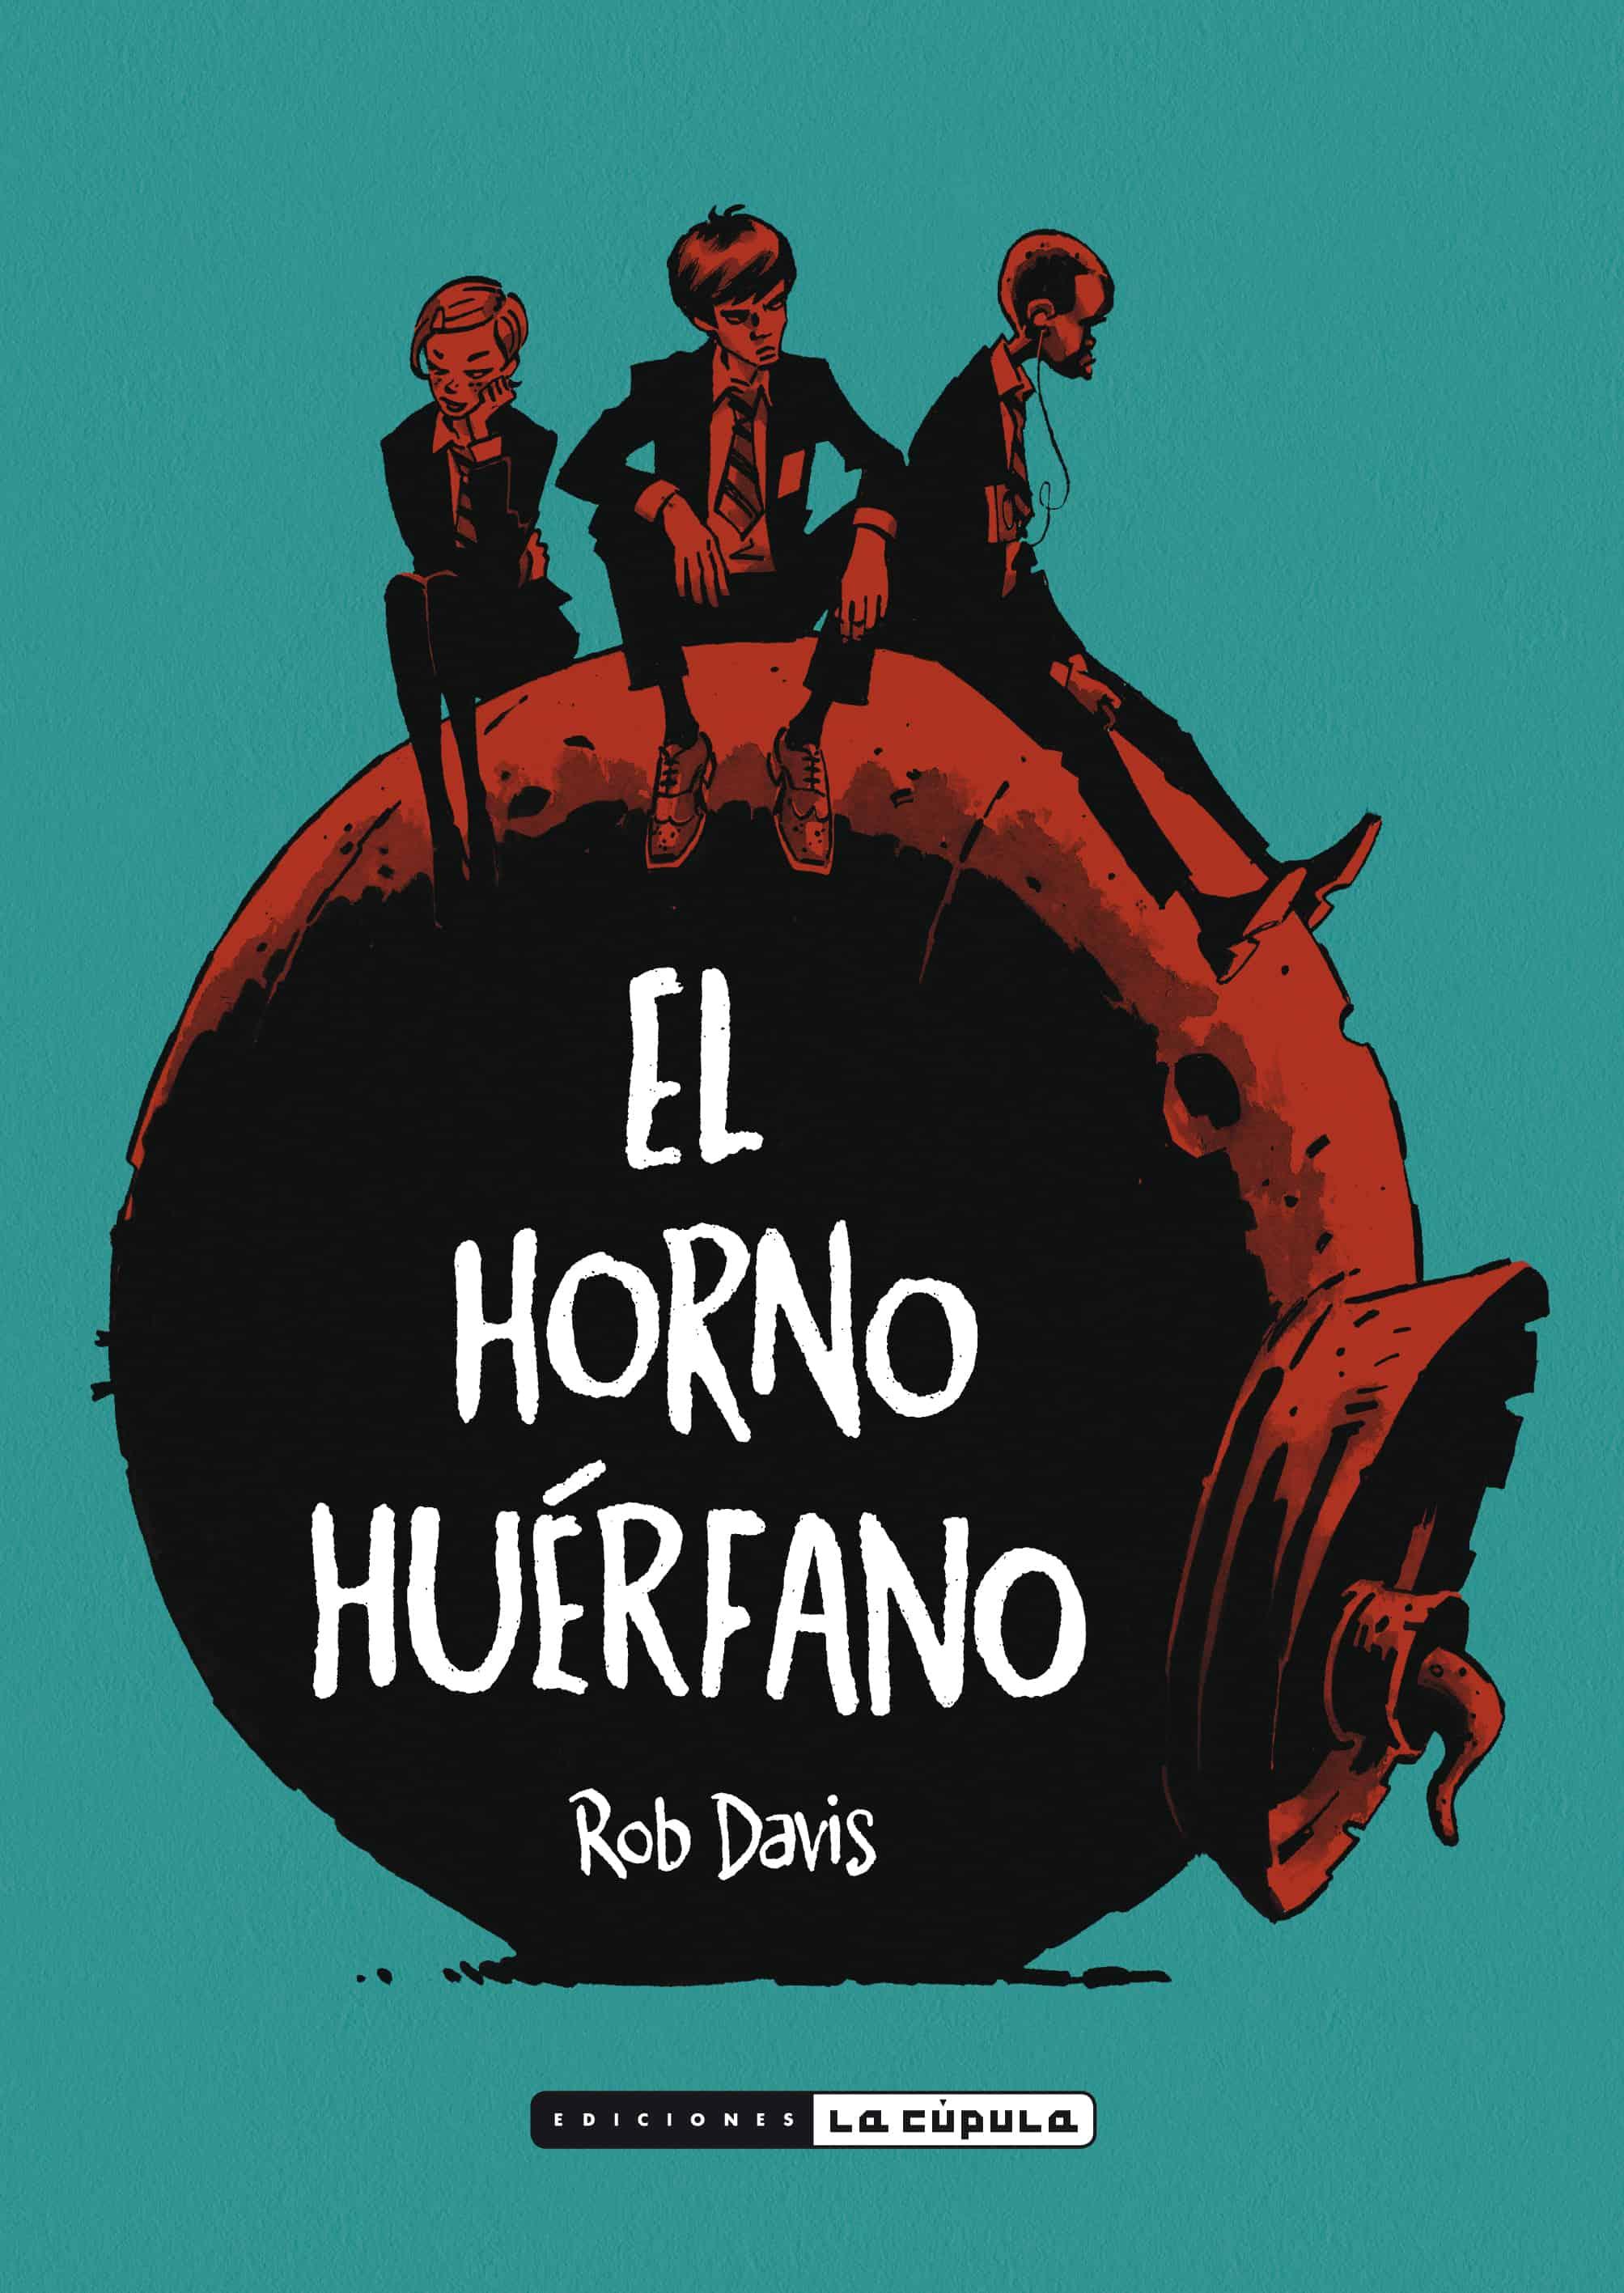 EL HORNO HUERFANO